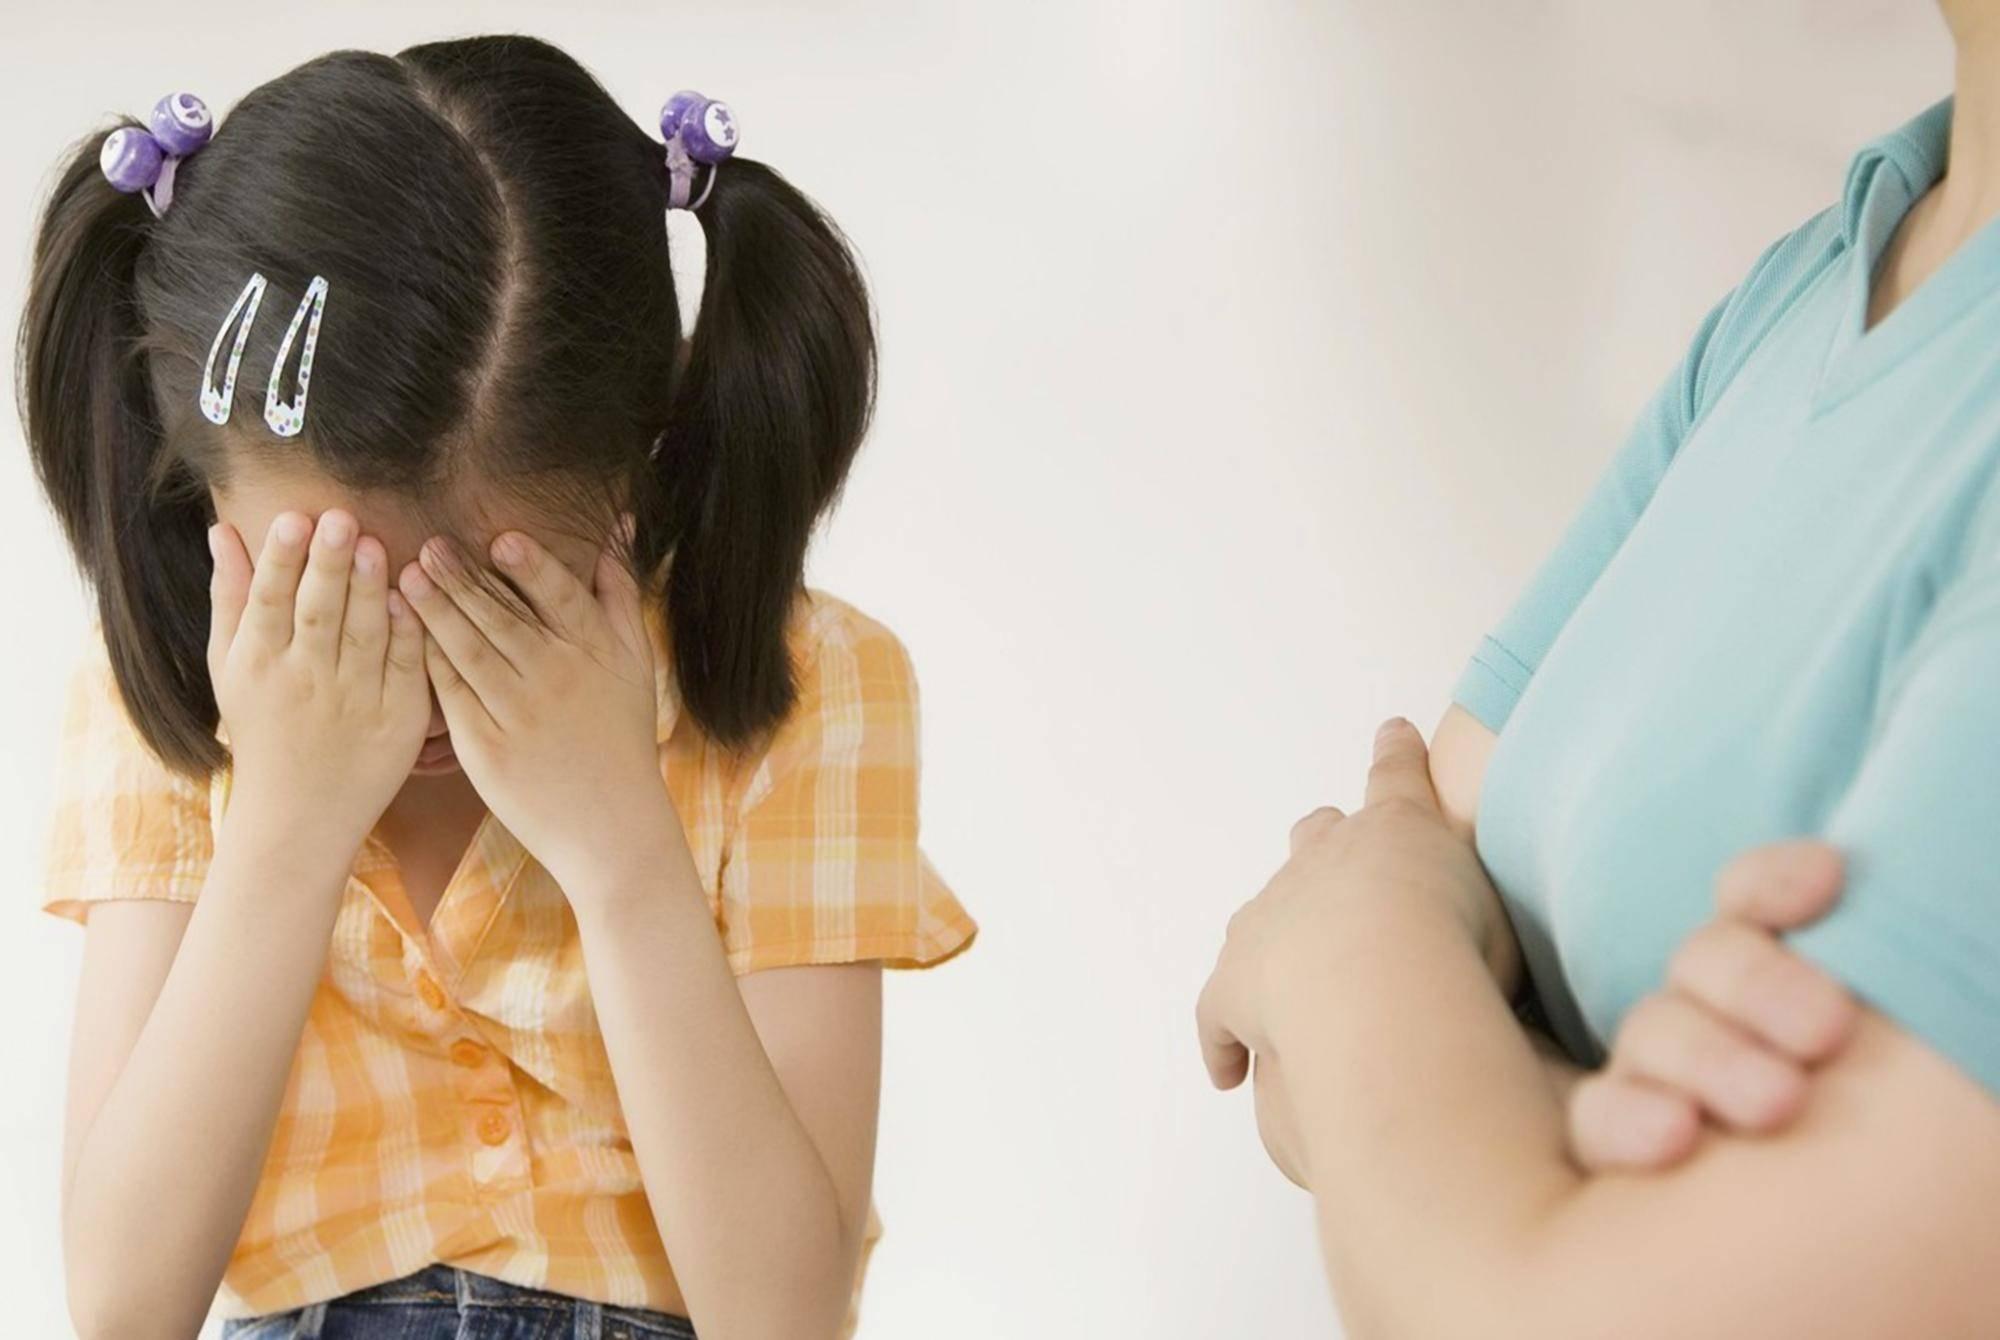 父母陪睡导致性早熟?事关孩子健康不得不防,了解一点便知真相